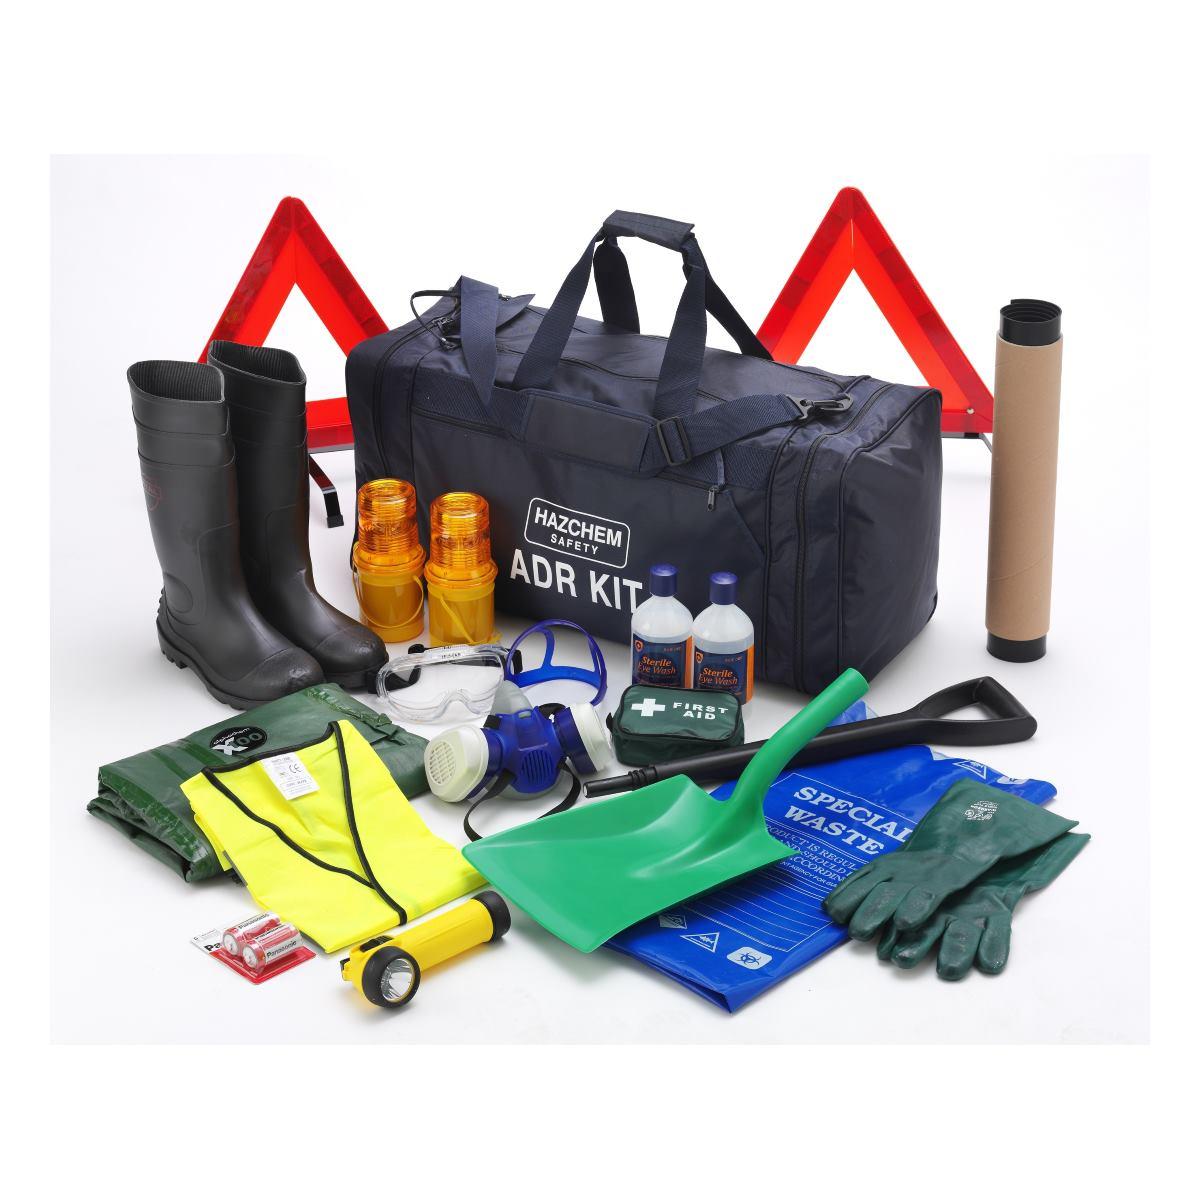 DK0025 Full ADR & PPE Driver Kit